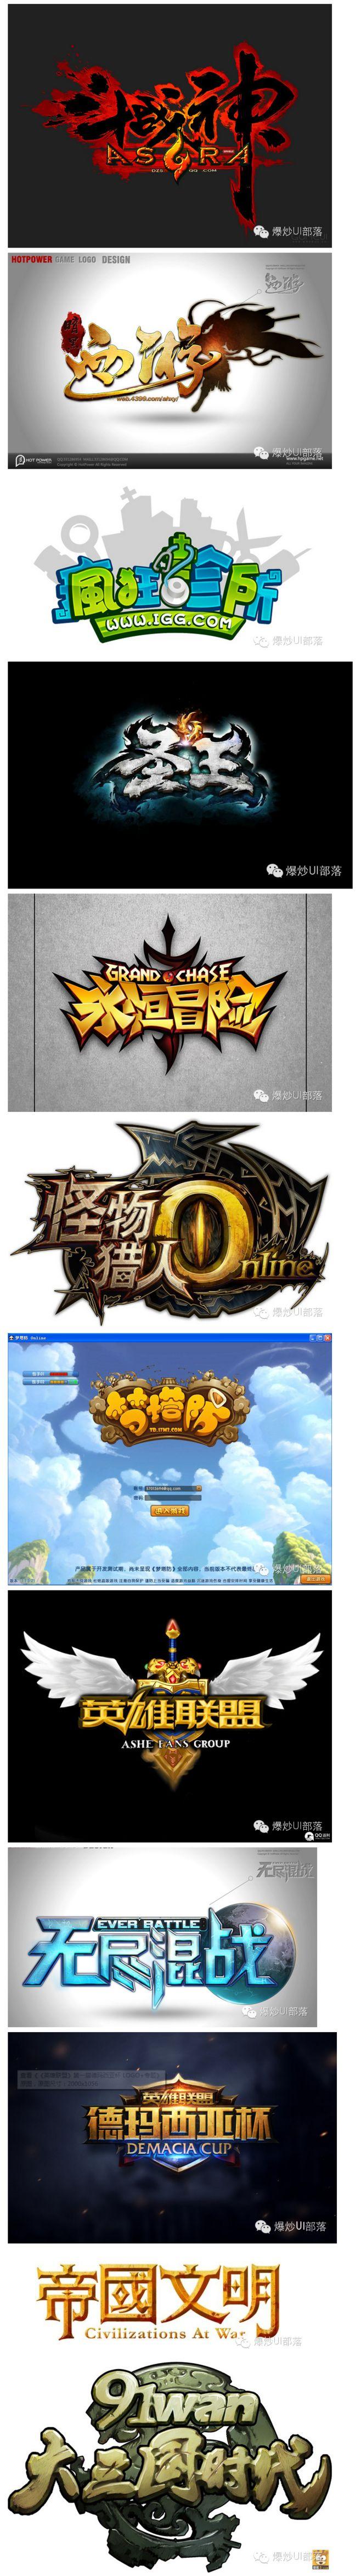 270款中文游戏logo赏析(1)一定有...@黃先生、采集到LOGO(100图)_花瓣